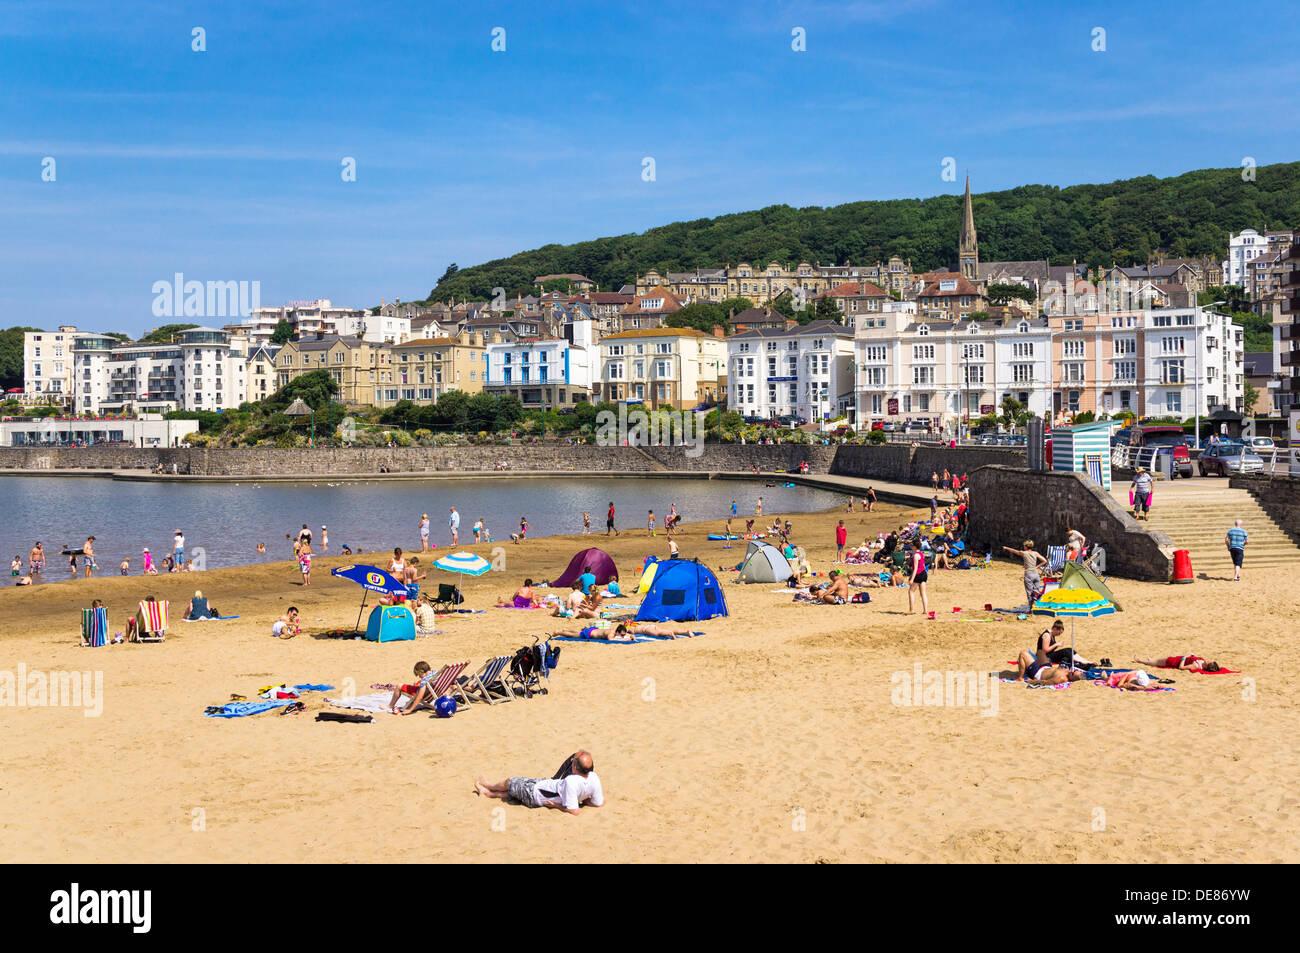 Lago marino spiaggia a Weston-Super-Mare, Somerset, Regno Unito Immagini Stock